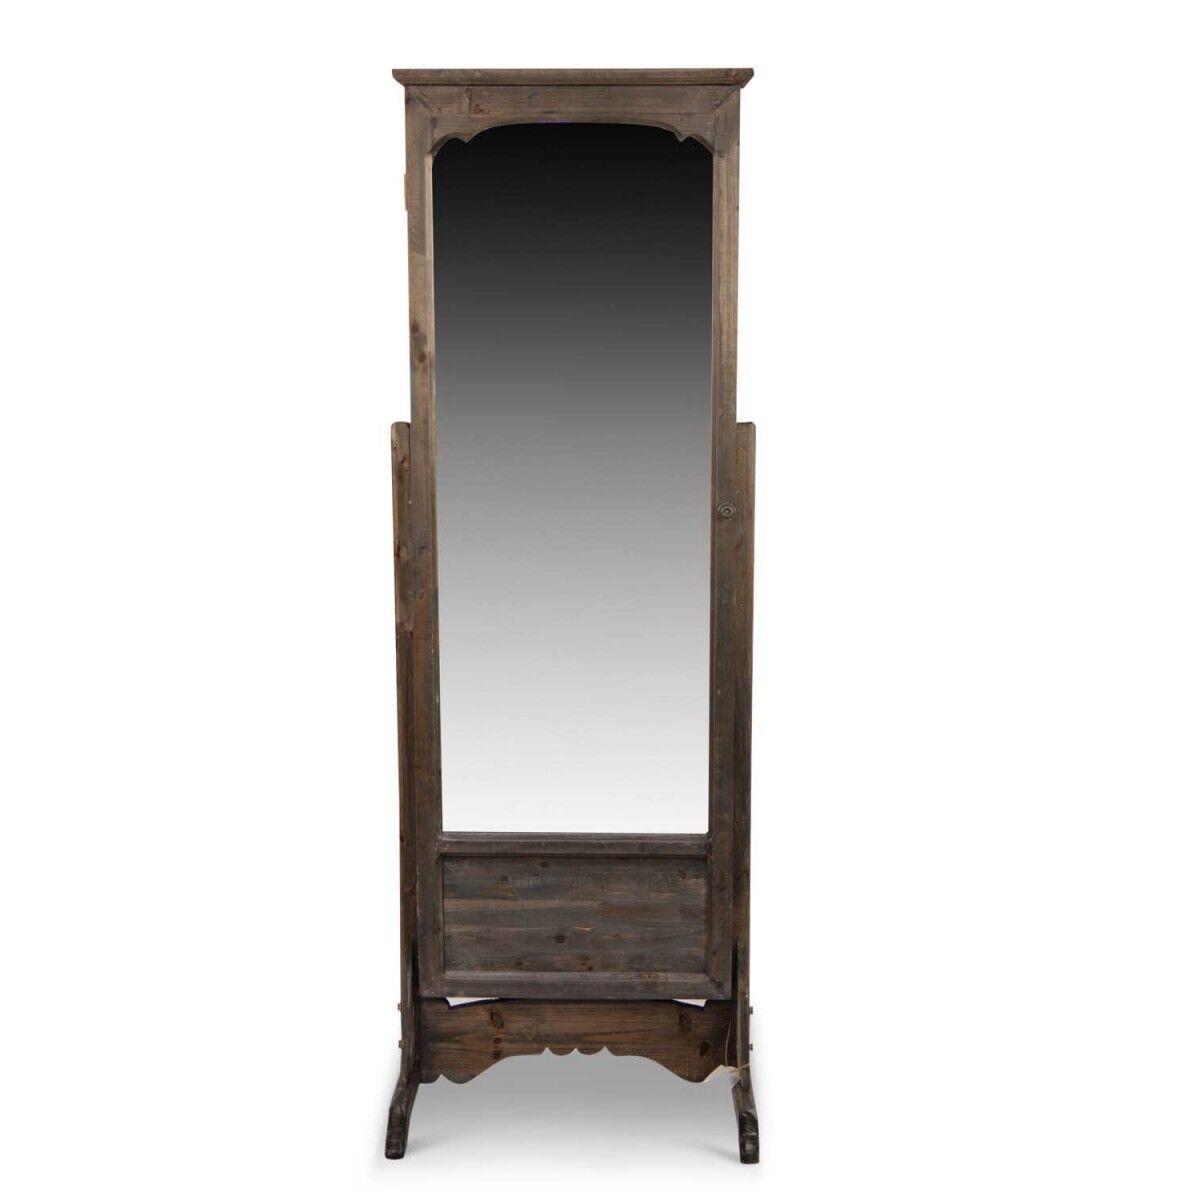 Décoration d'fois Miroir Ancien Rectangulaire Vertical Sur Pied Bois 50x45x146.5cm - Marron